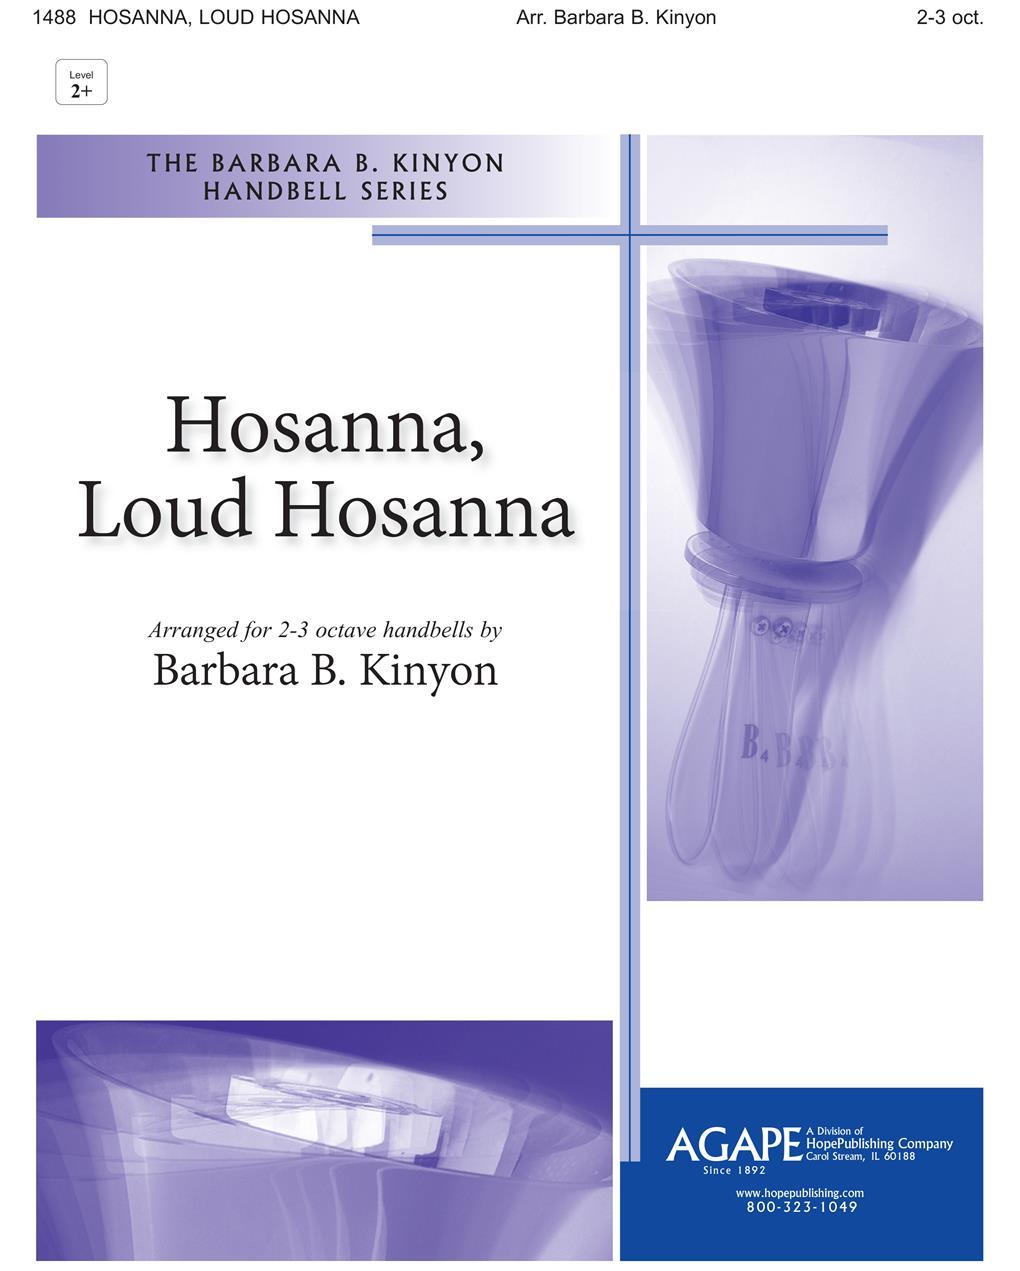 Hosanna Loud Hosanna - 2-3 Octave Cover Image